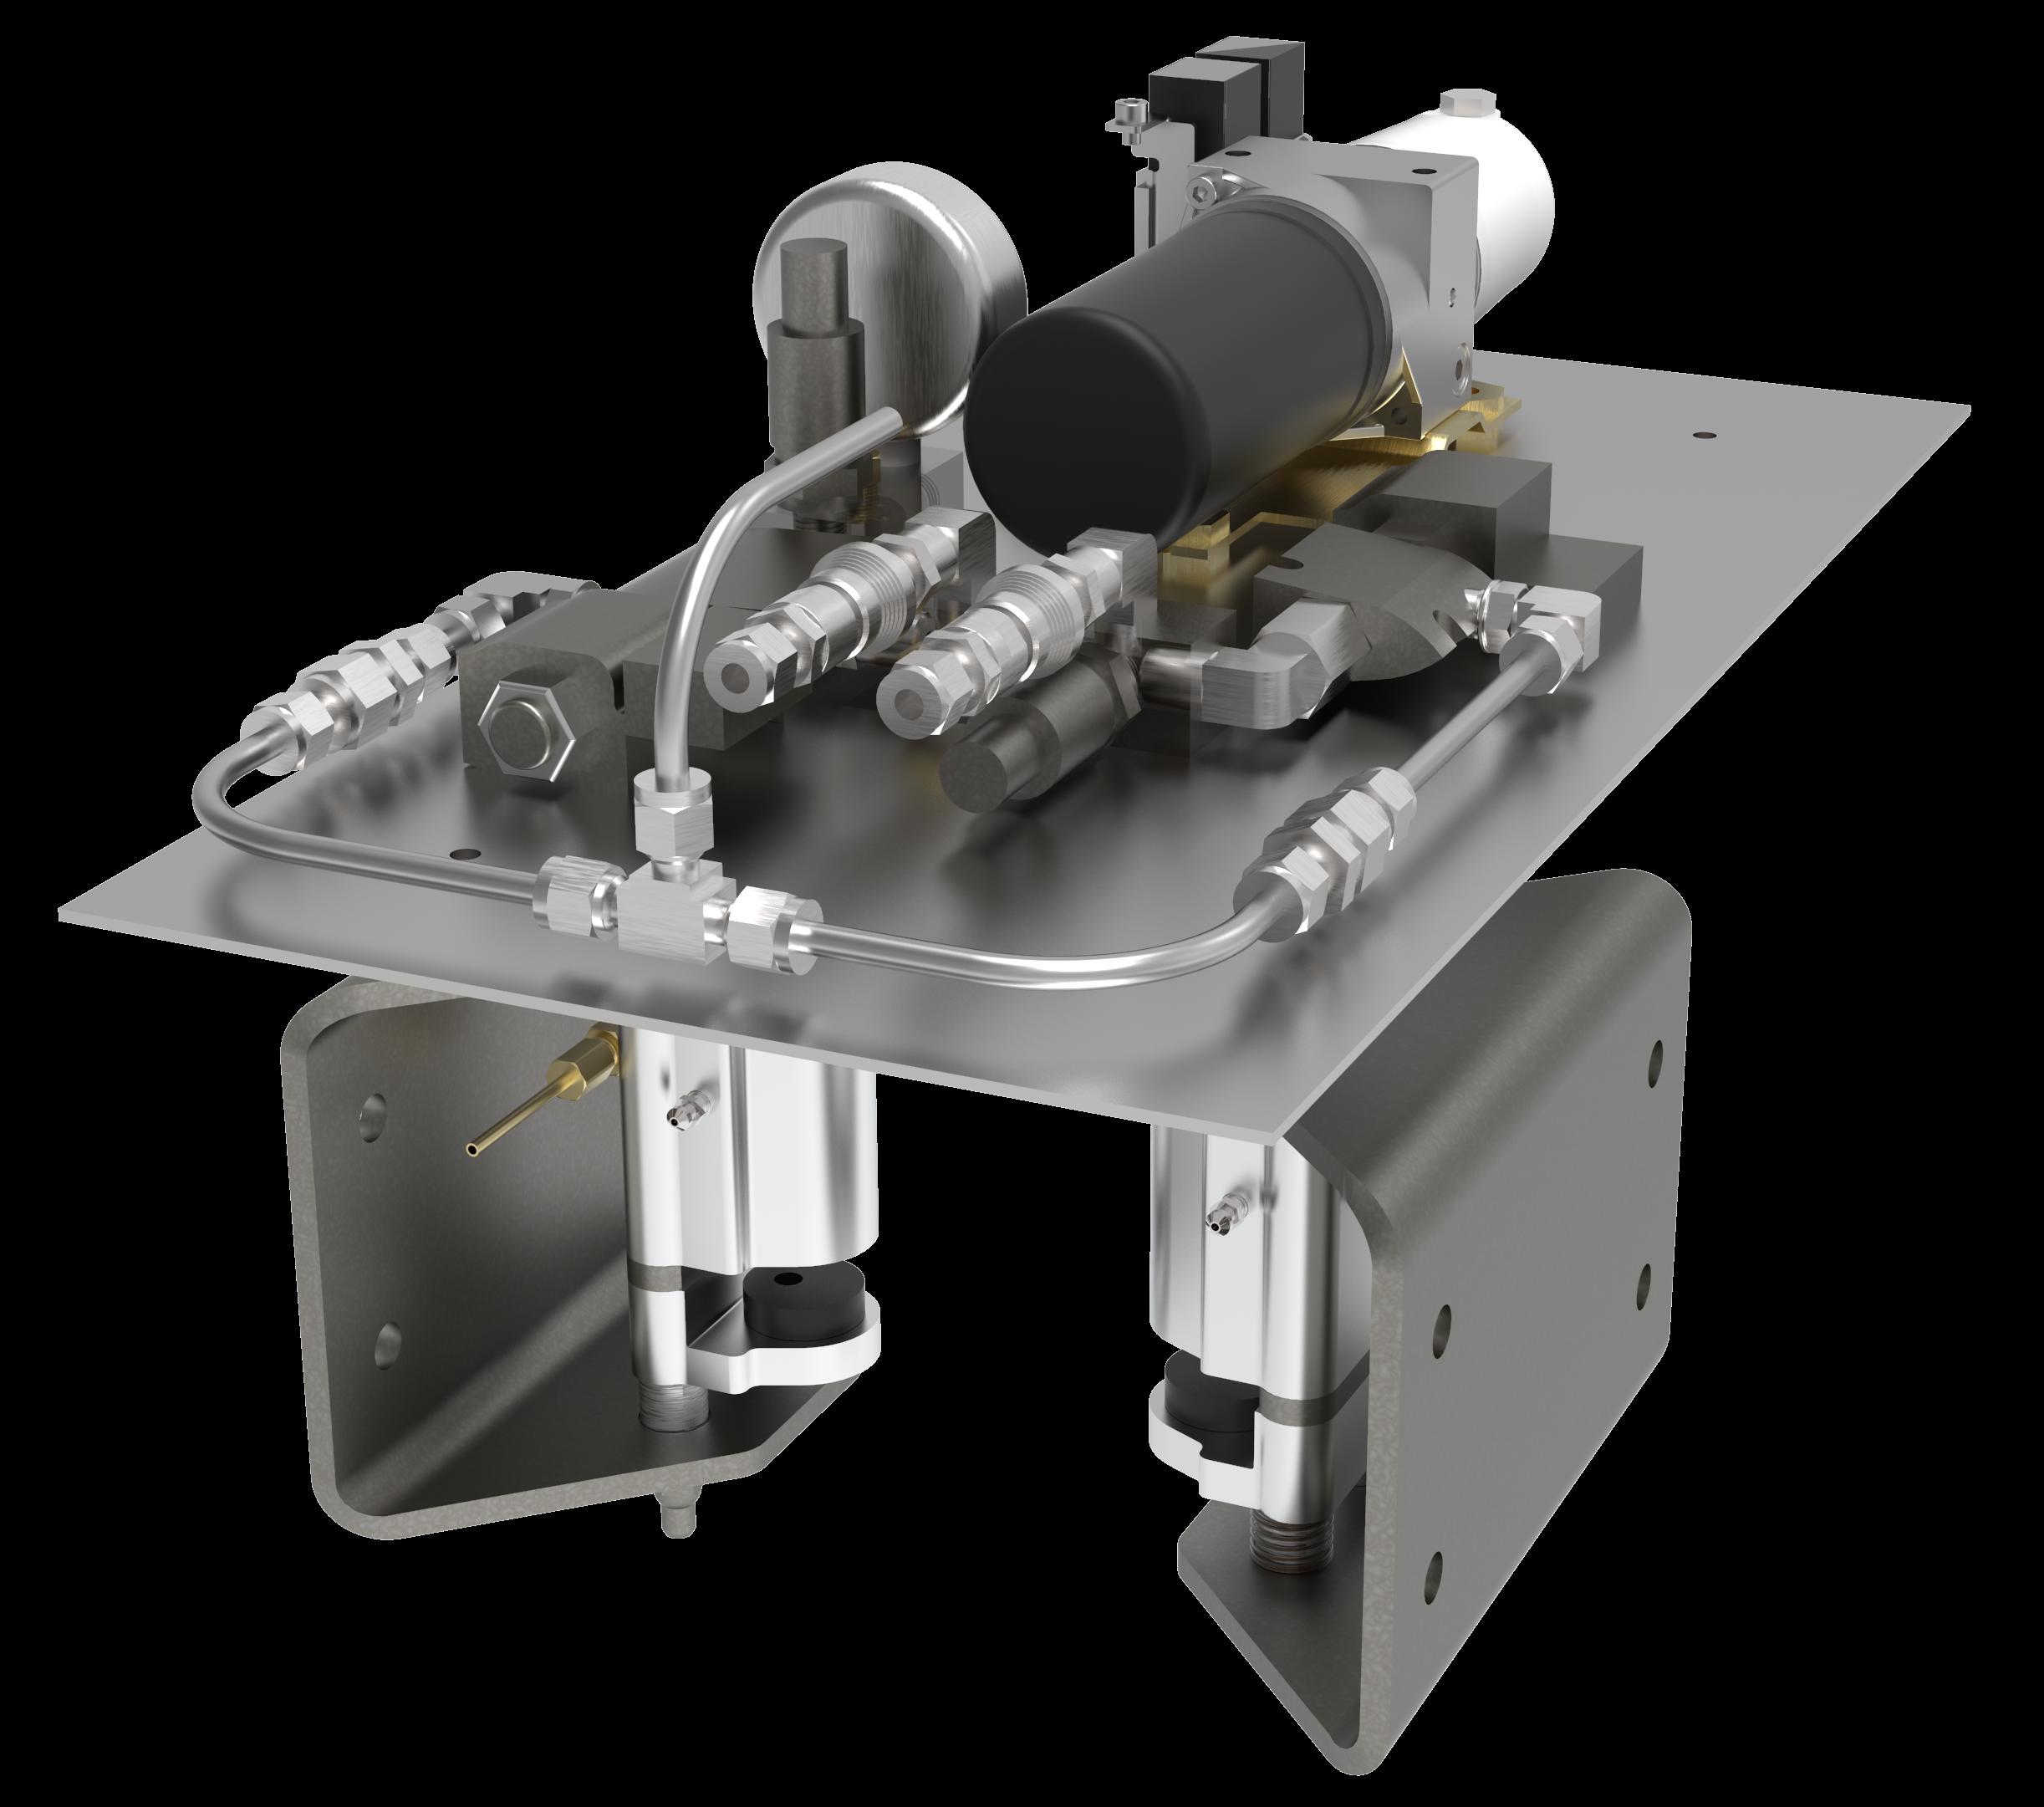 render of the braking system